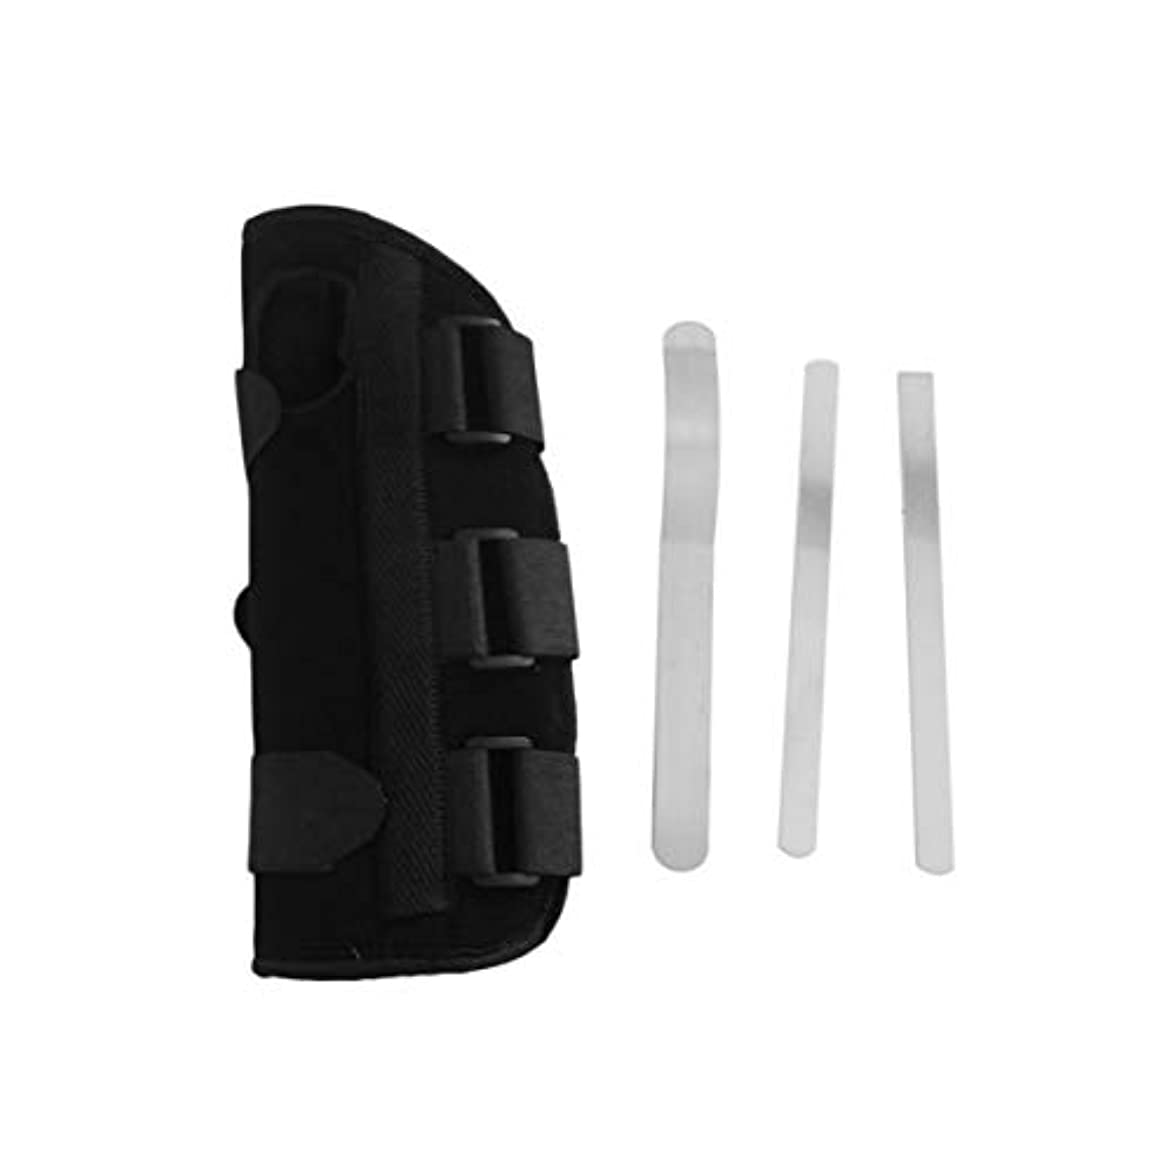 説明呼び起こすランデブー手首副木ブレース保護サポートストラップカルペルトンネルCTS RSI痛み軽減取り外し可能な副木快適な軽量ストラップ - ブラックS